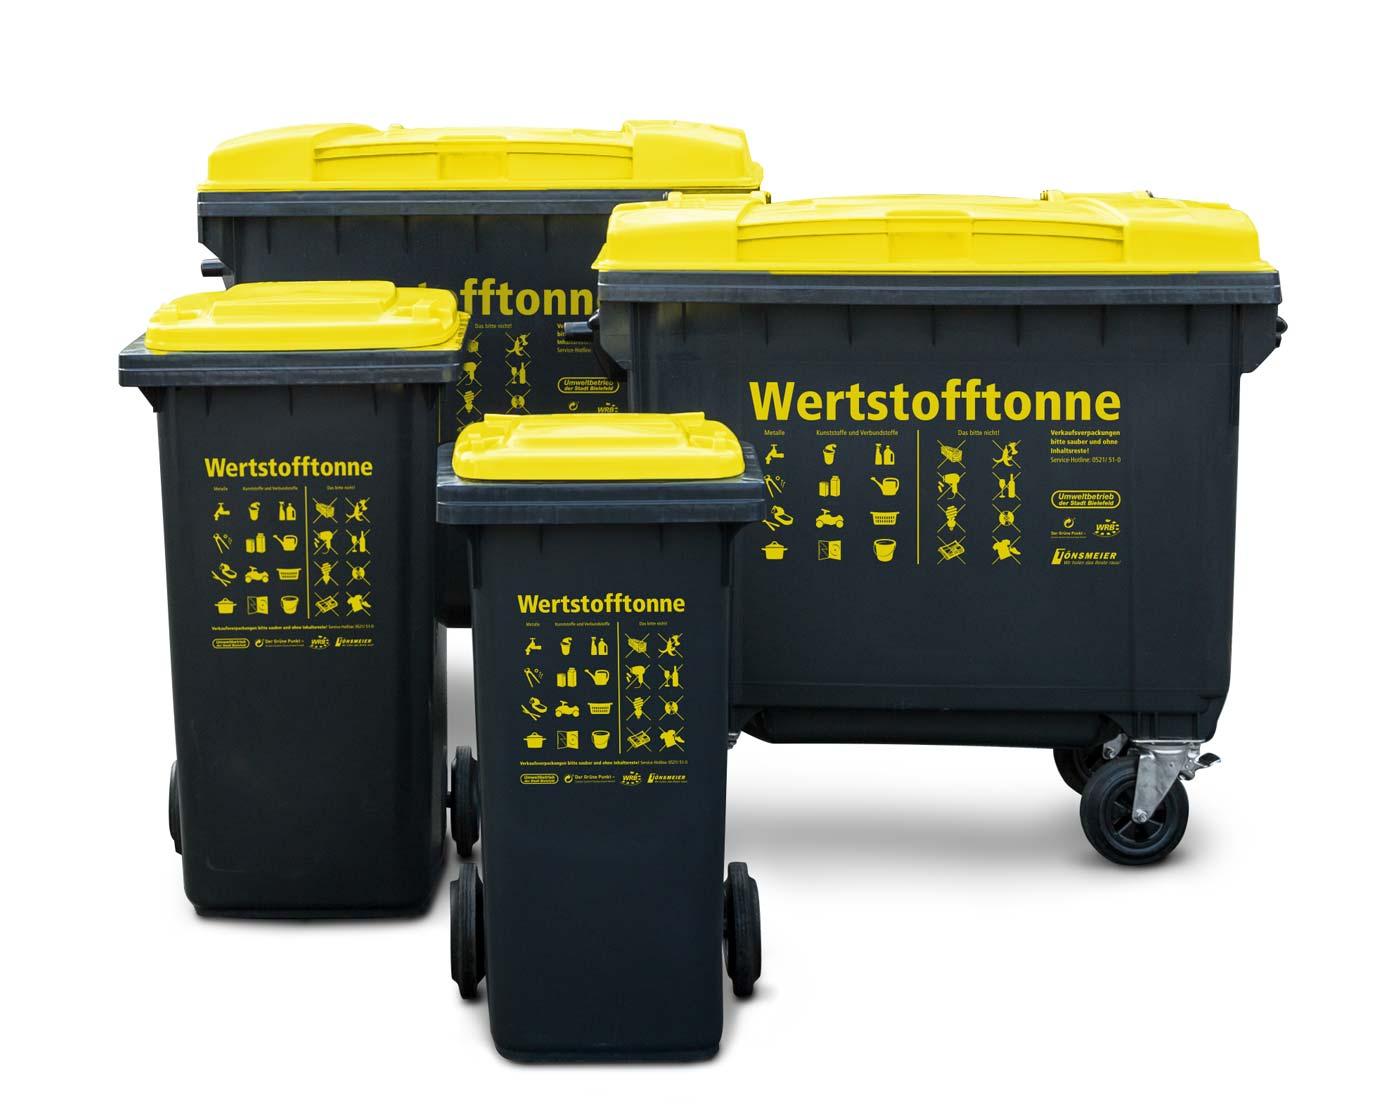 Die neue Wertstofftonne für Bielefeld